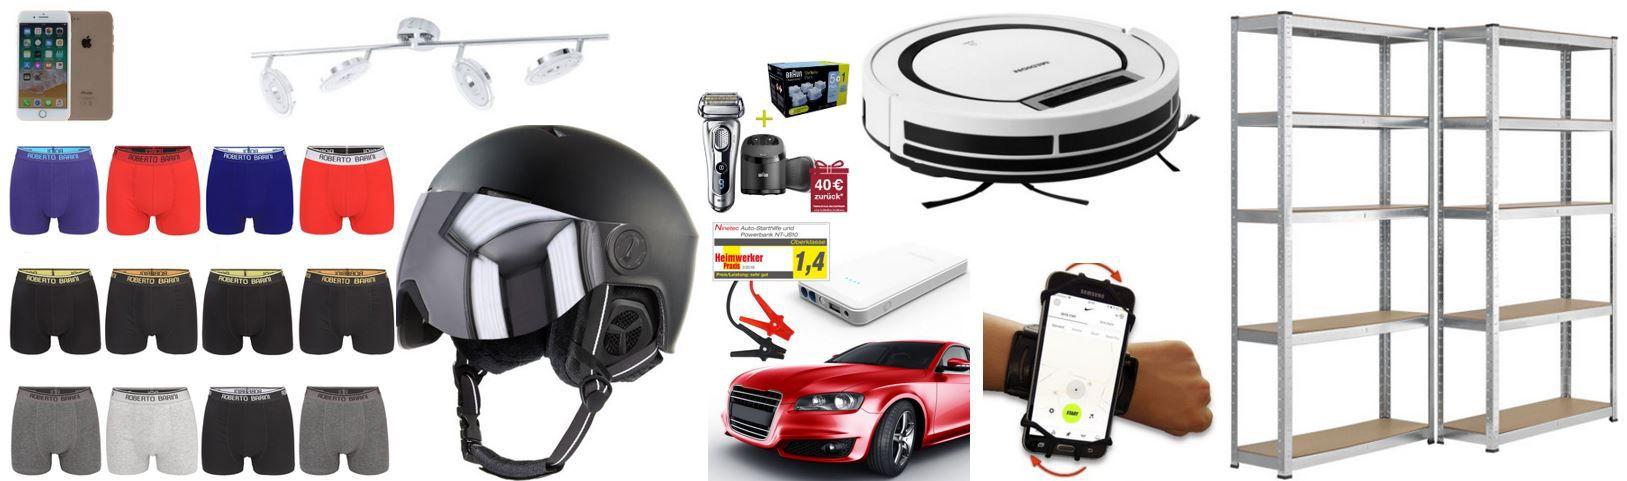 eBay Wows vom Montag: z.B. MEDION MD 18600 Saugroboter für 99,99€